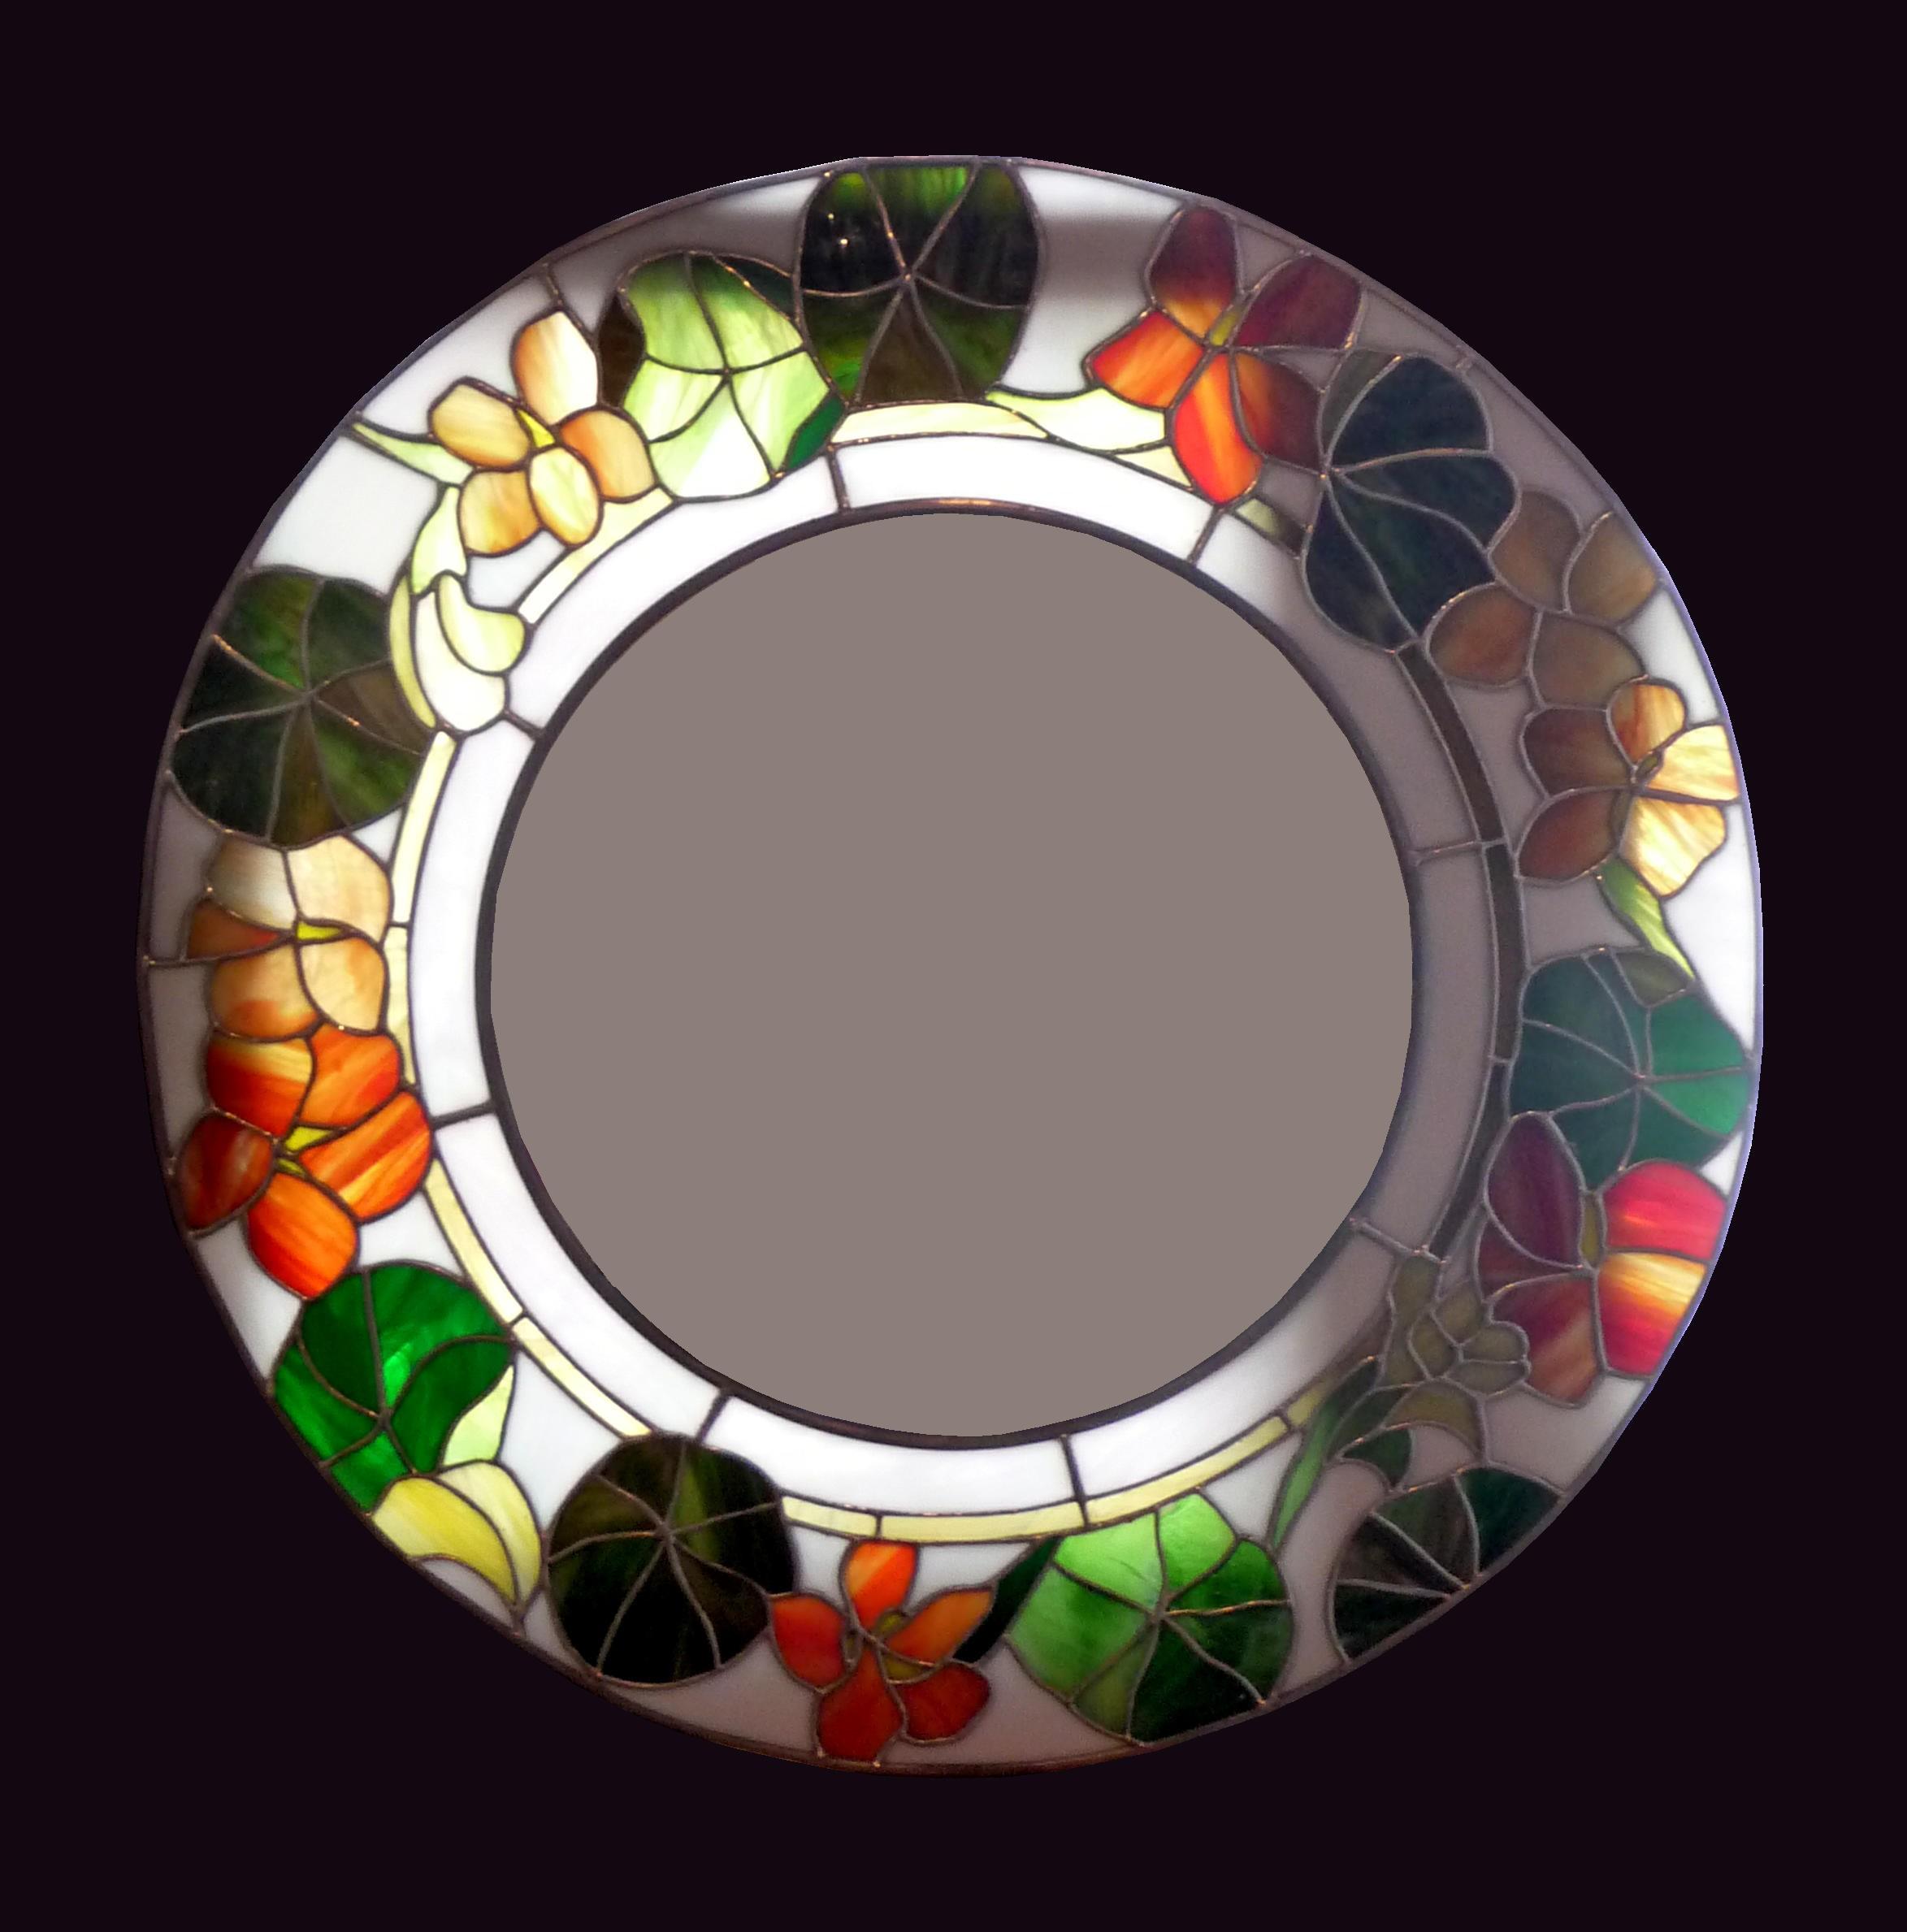 Vitrail Miroir Modele laetitia metzinger bastien - mosaique vitrail décoration | galerie déco